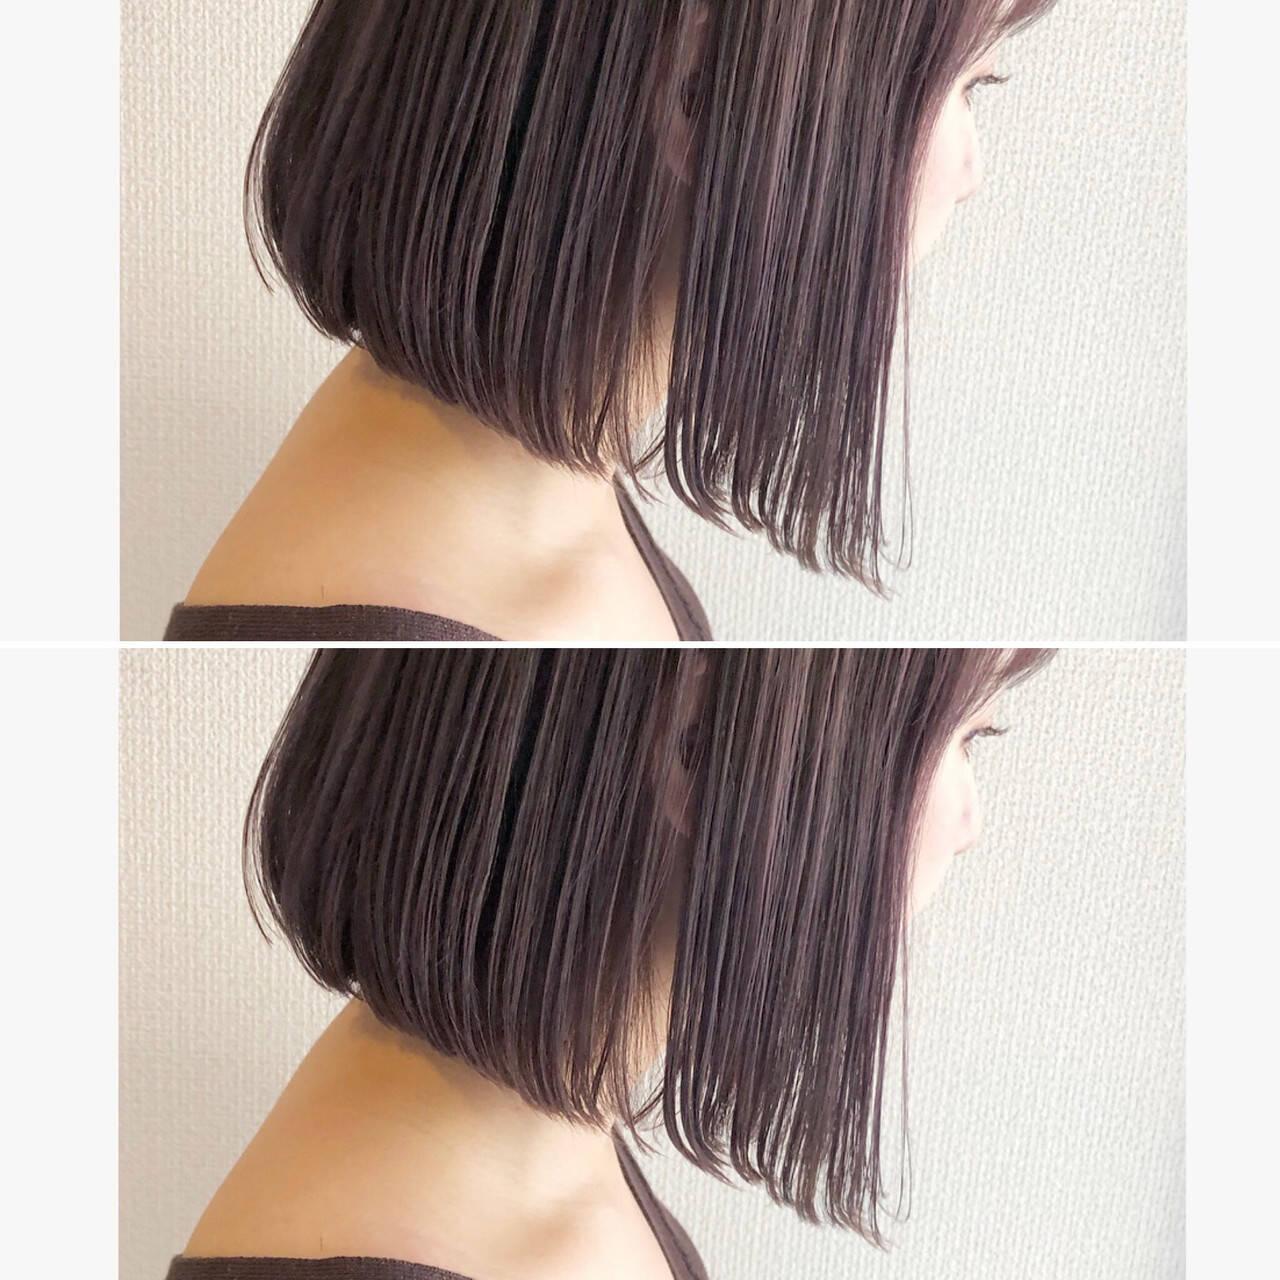 髪質改善 ラベンダーアッシュ ミニボブ モードヘアスタイルや髪型の写真・画像